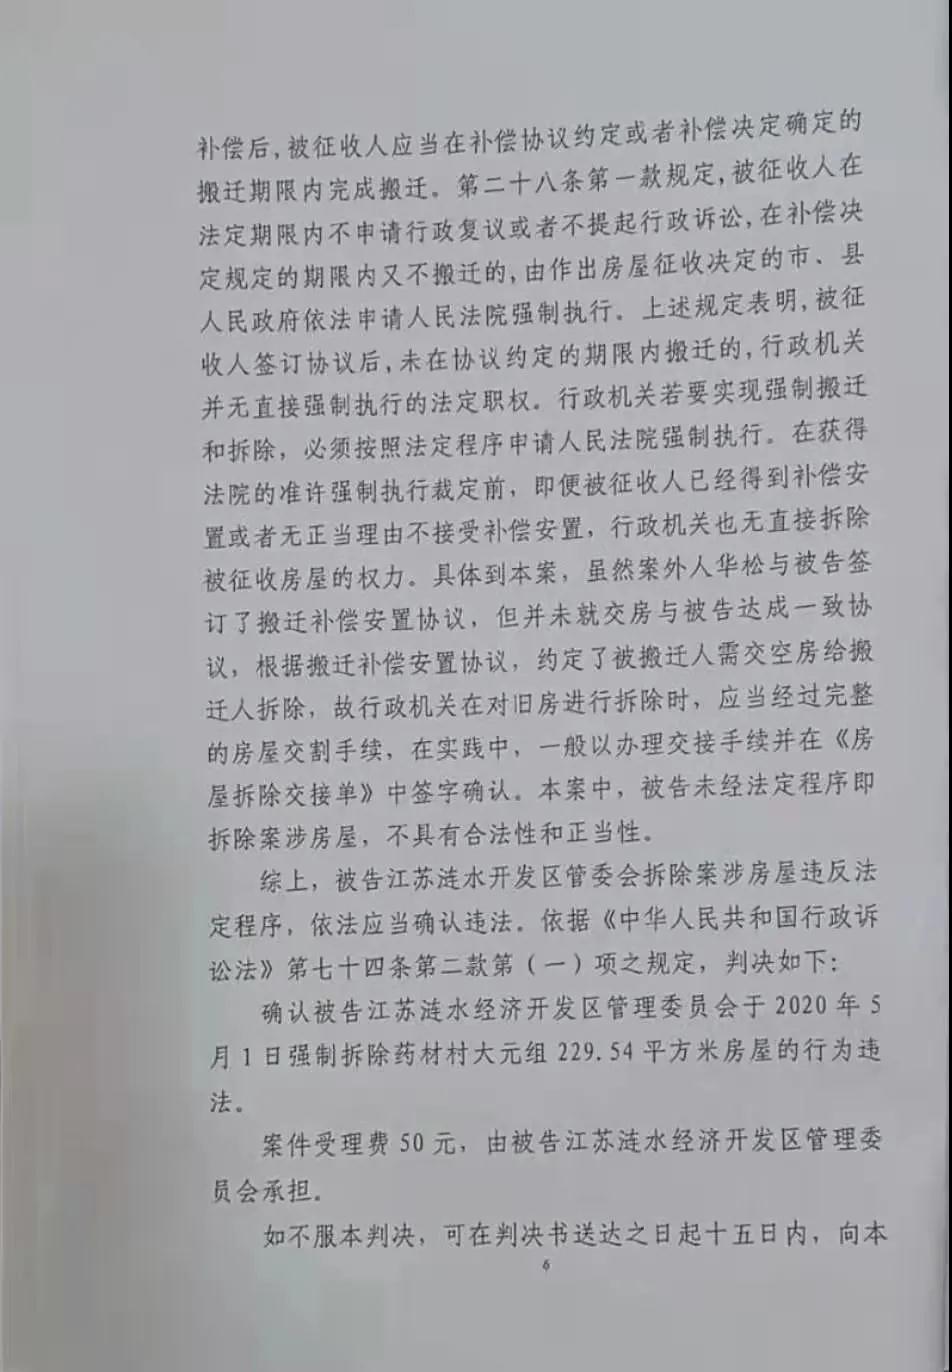 【江苏省拆迁】淮安市华先生诉江苏省涟水县开发区管理委员会确认强制拆除行为违法纠纷案